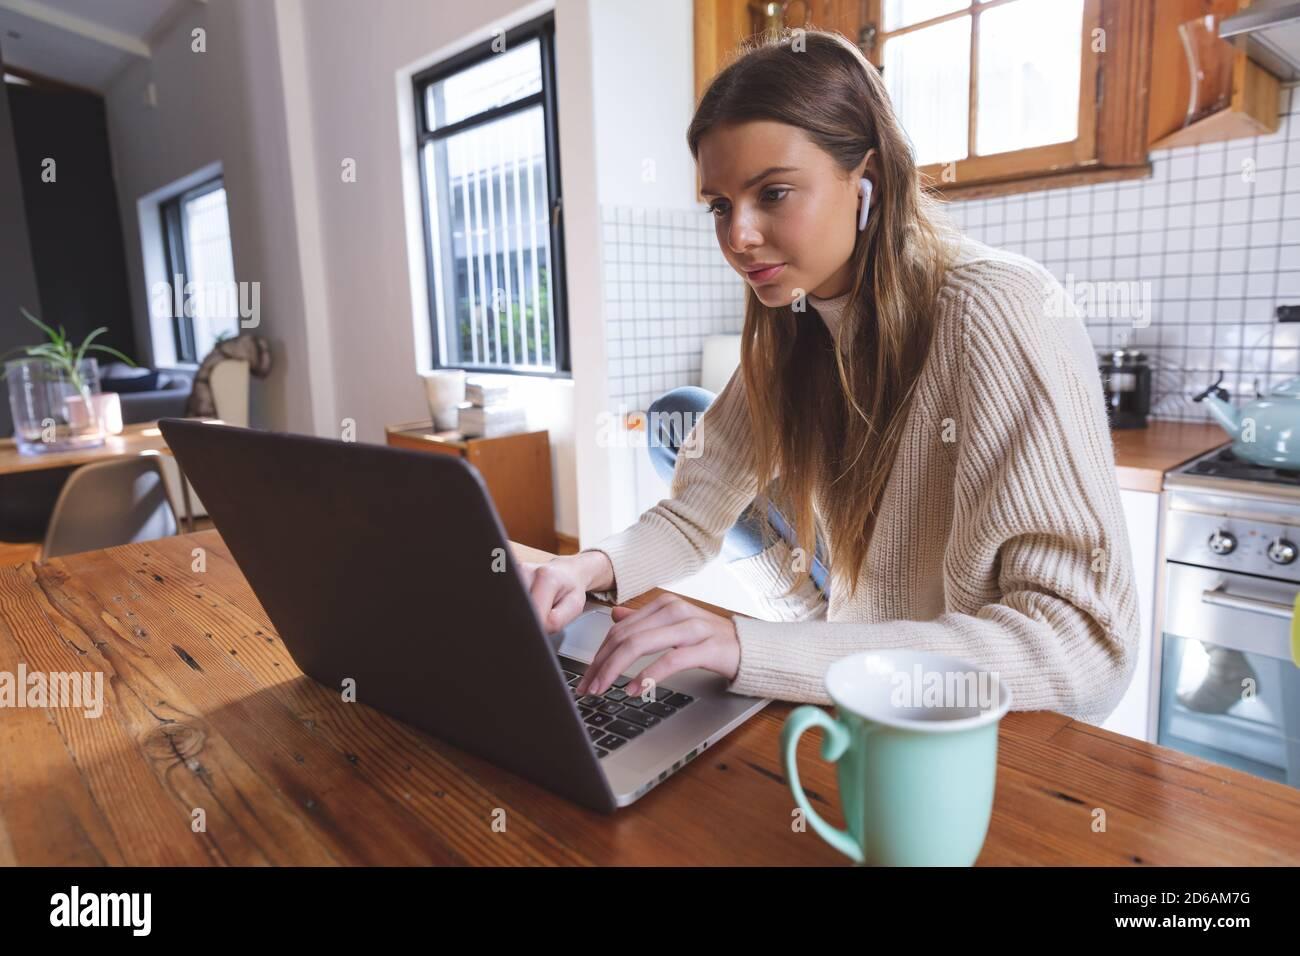 Woman using laptop in La cuisine à la maison Banque D'Images